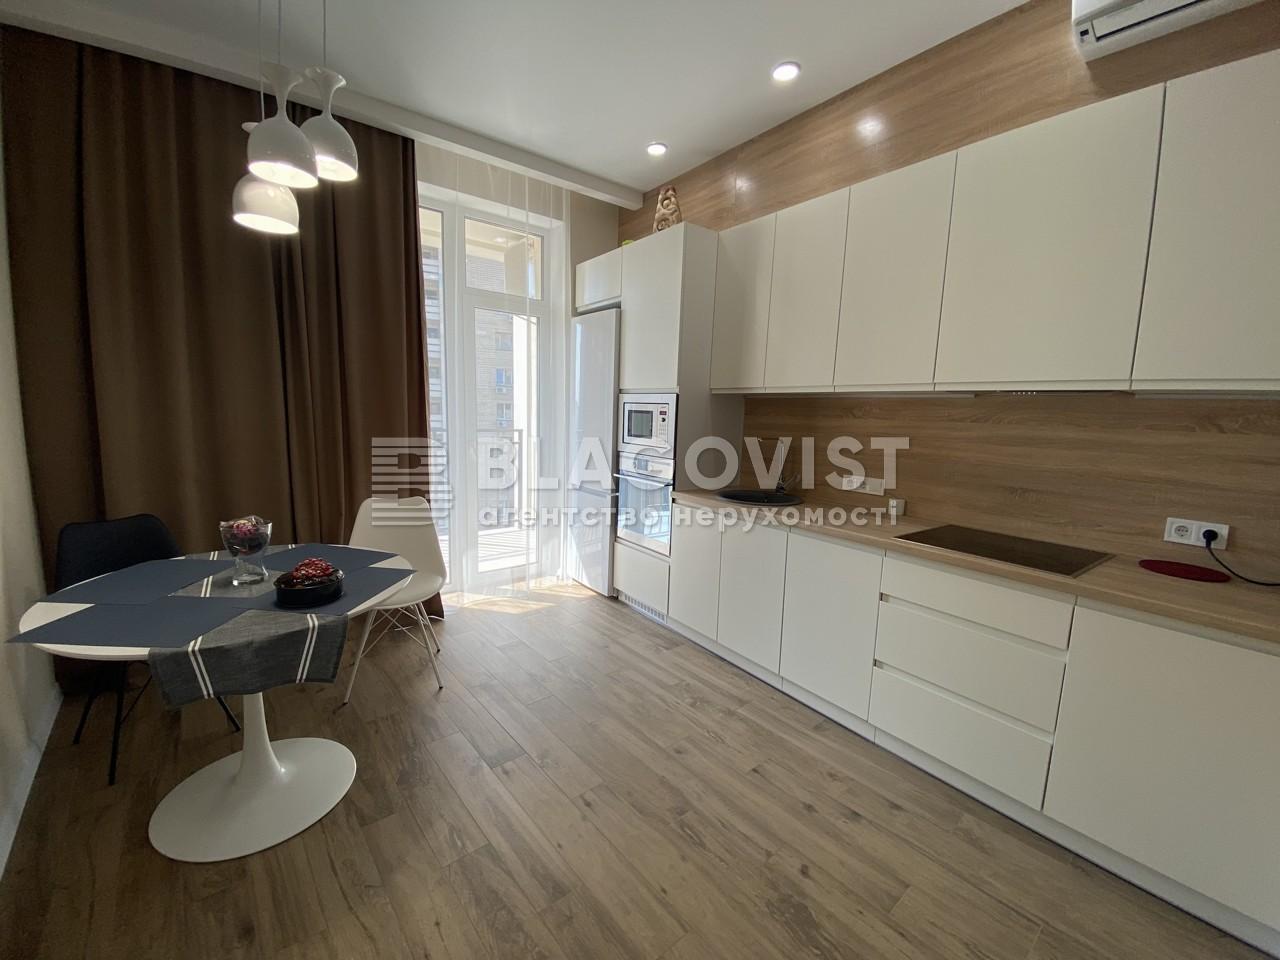 Квартира F-43818, Тютюнника Василия (Барбюса Анри), 28а, Киев - Фото 9